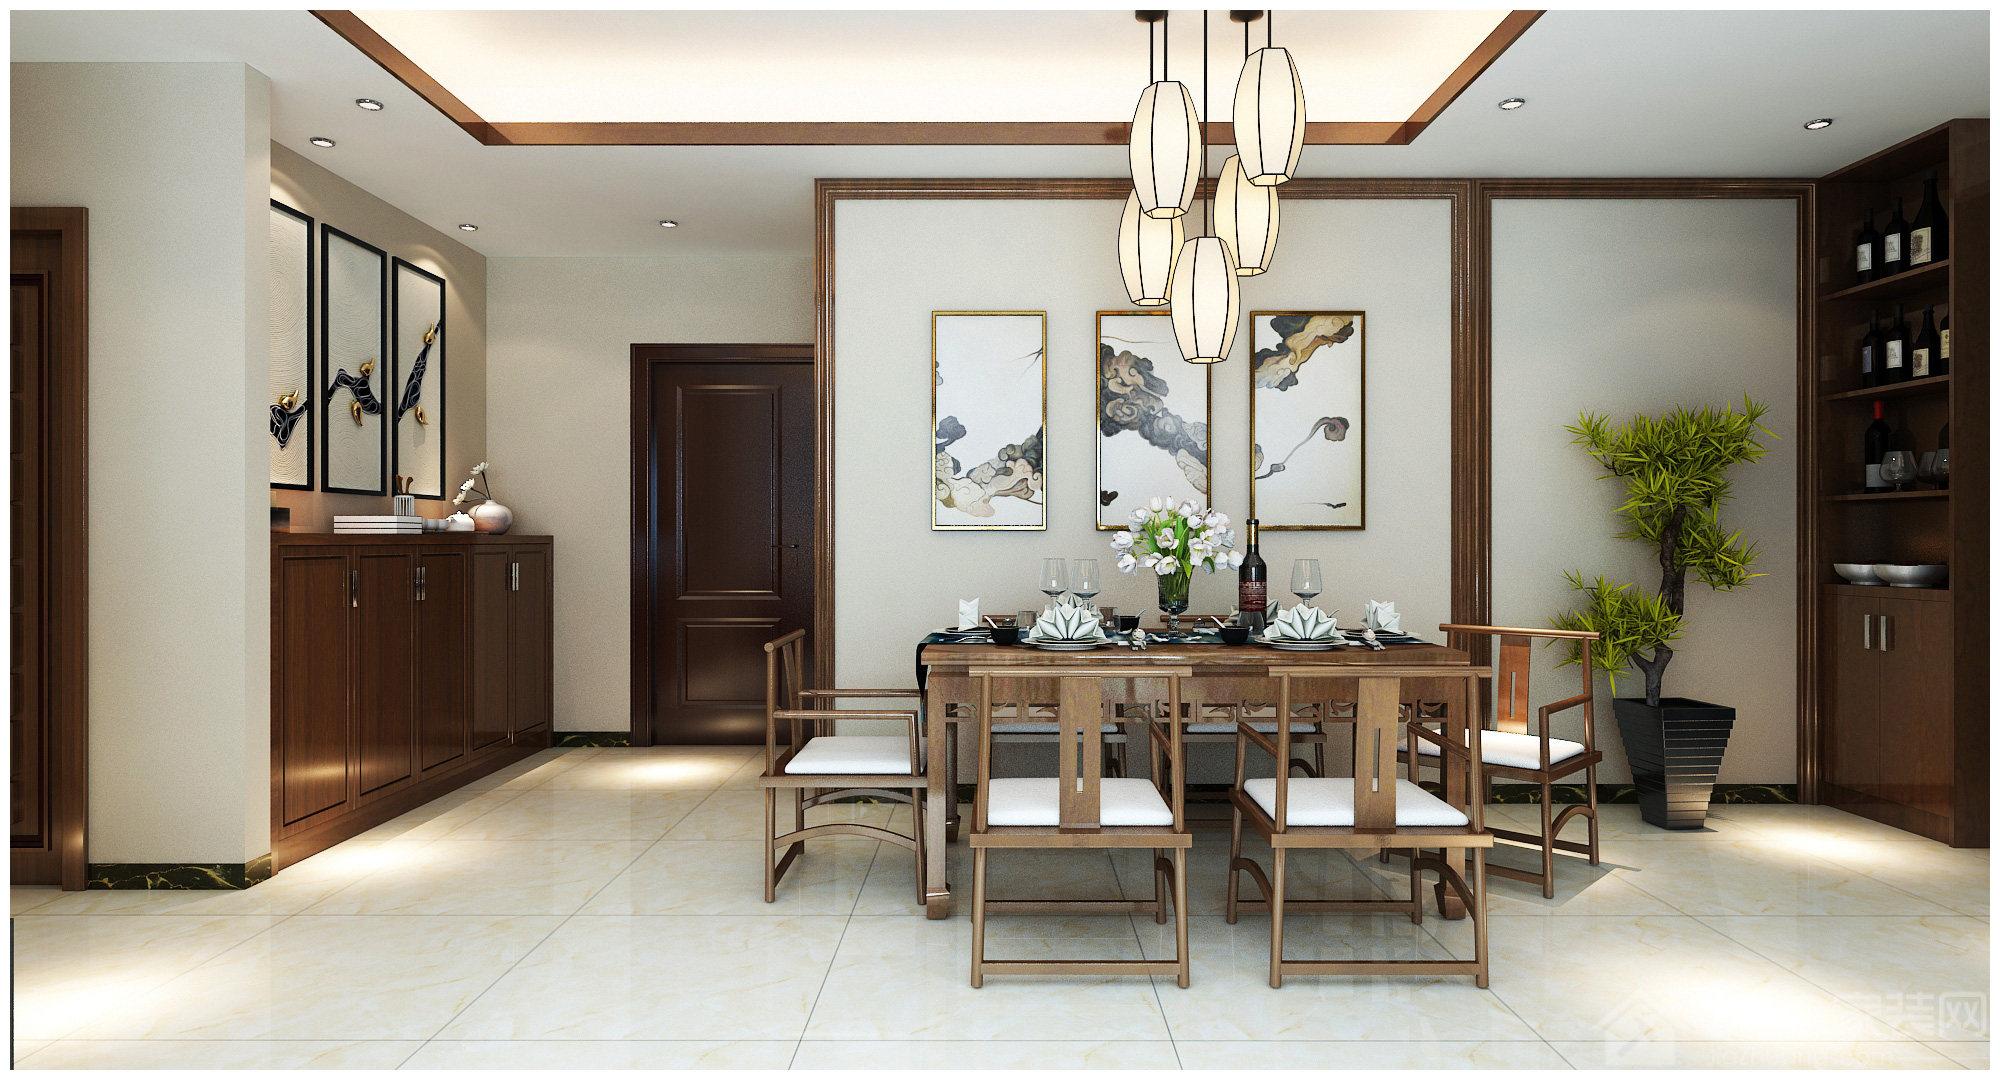 现代新中式风格餐厅效果图